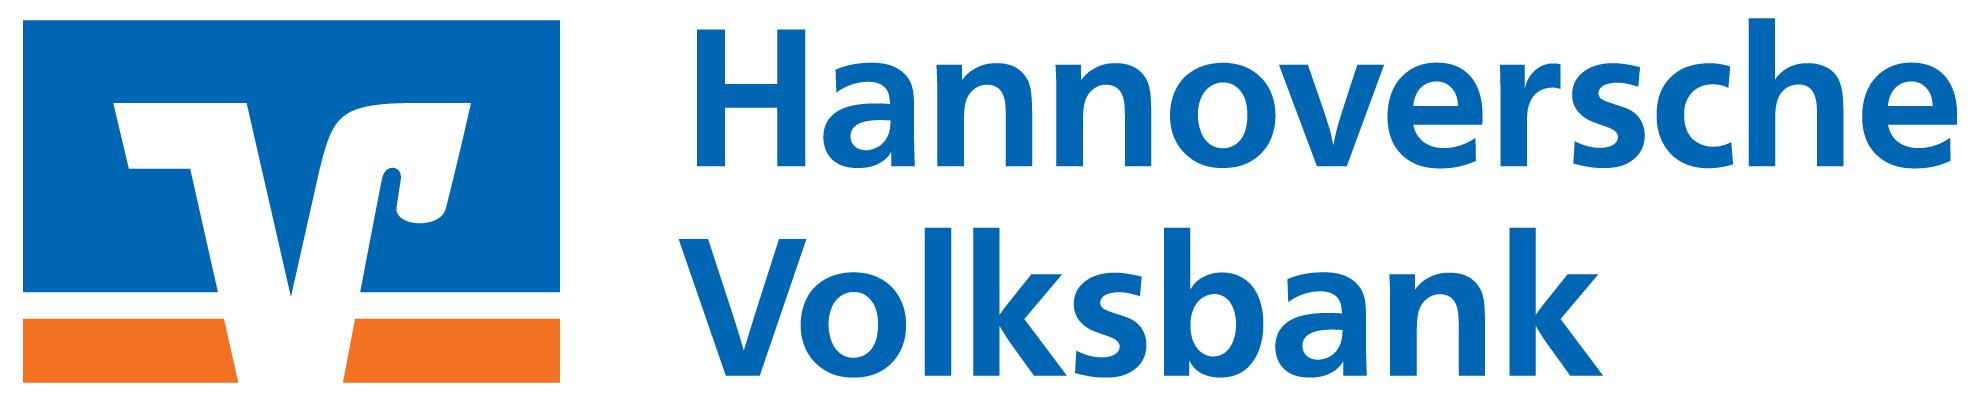 Hannoversche Volksbank eG KompetenzCenter Burgdorf